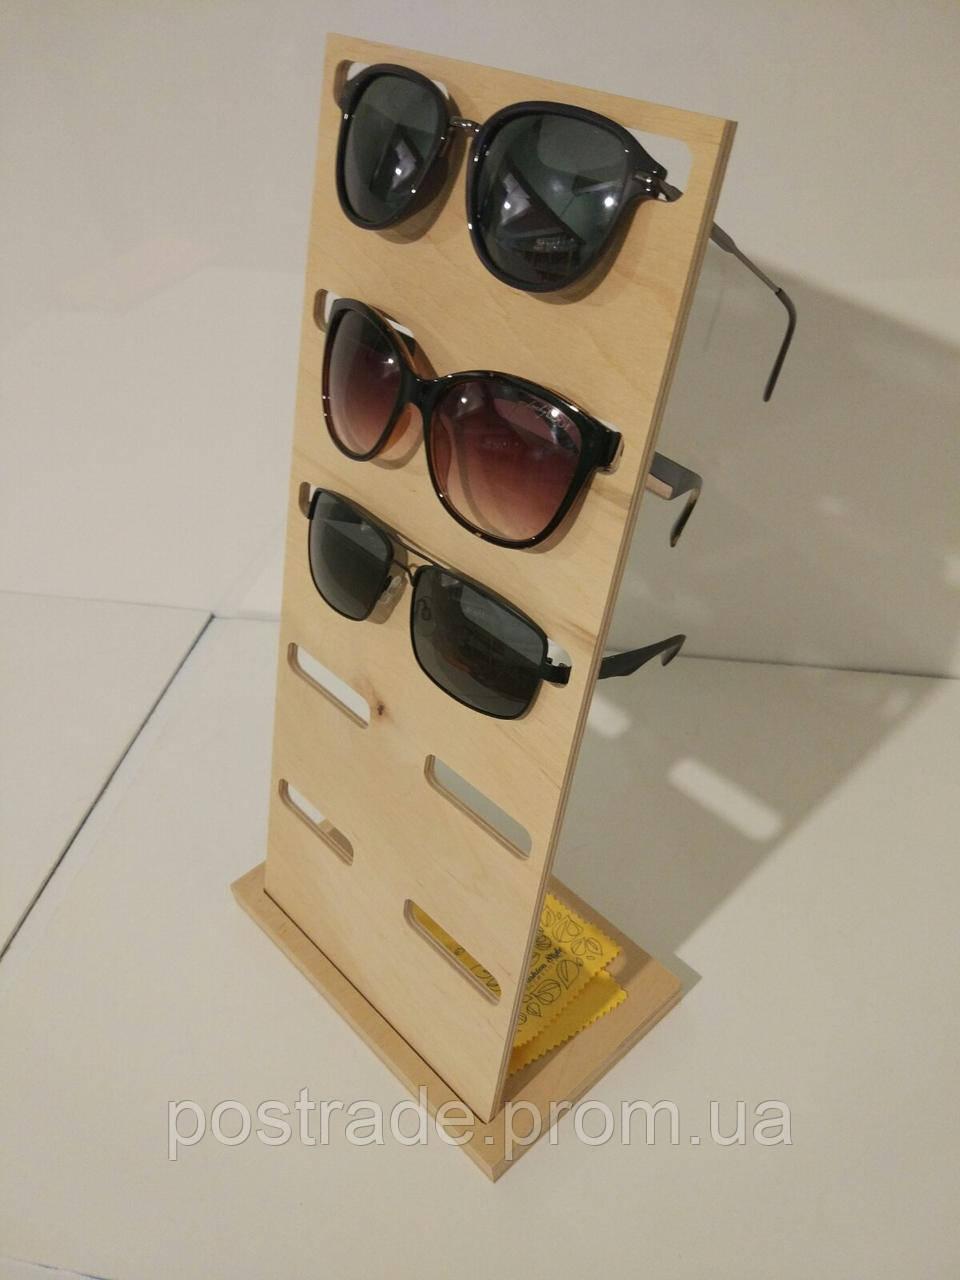 Подставка деревянная для очков на 5 пар